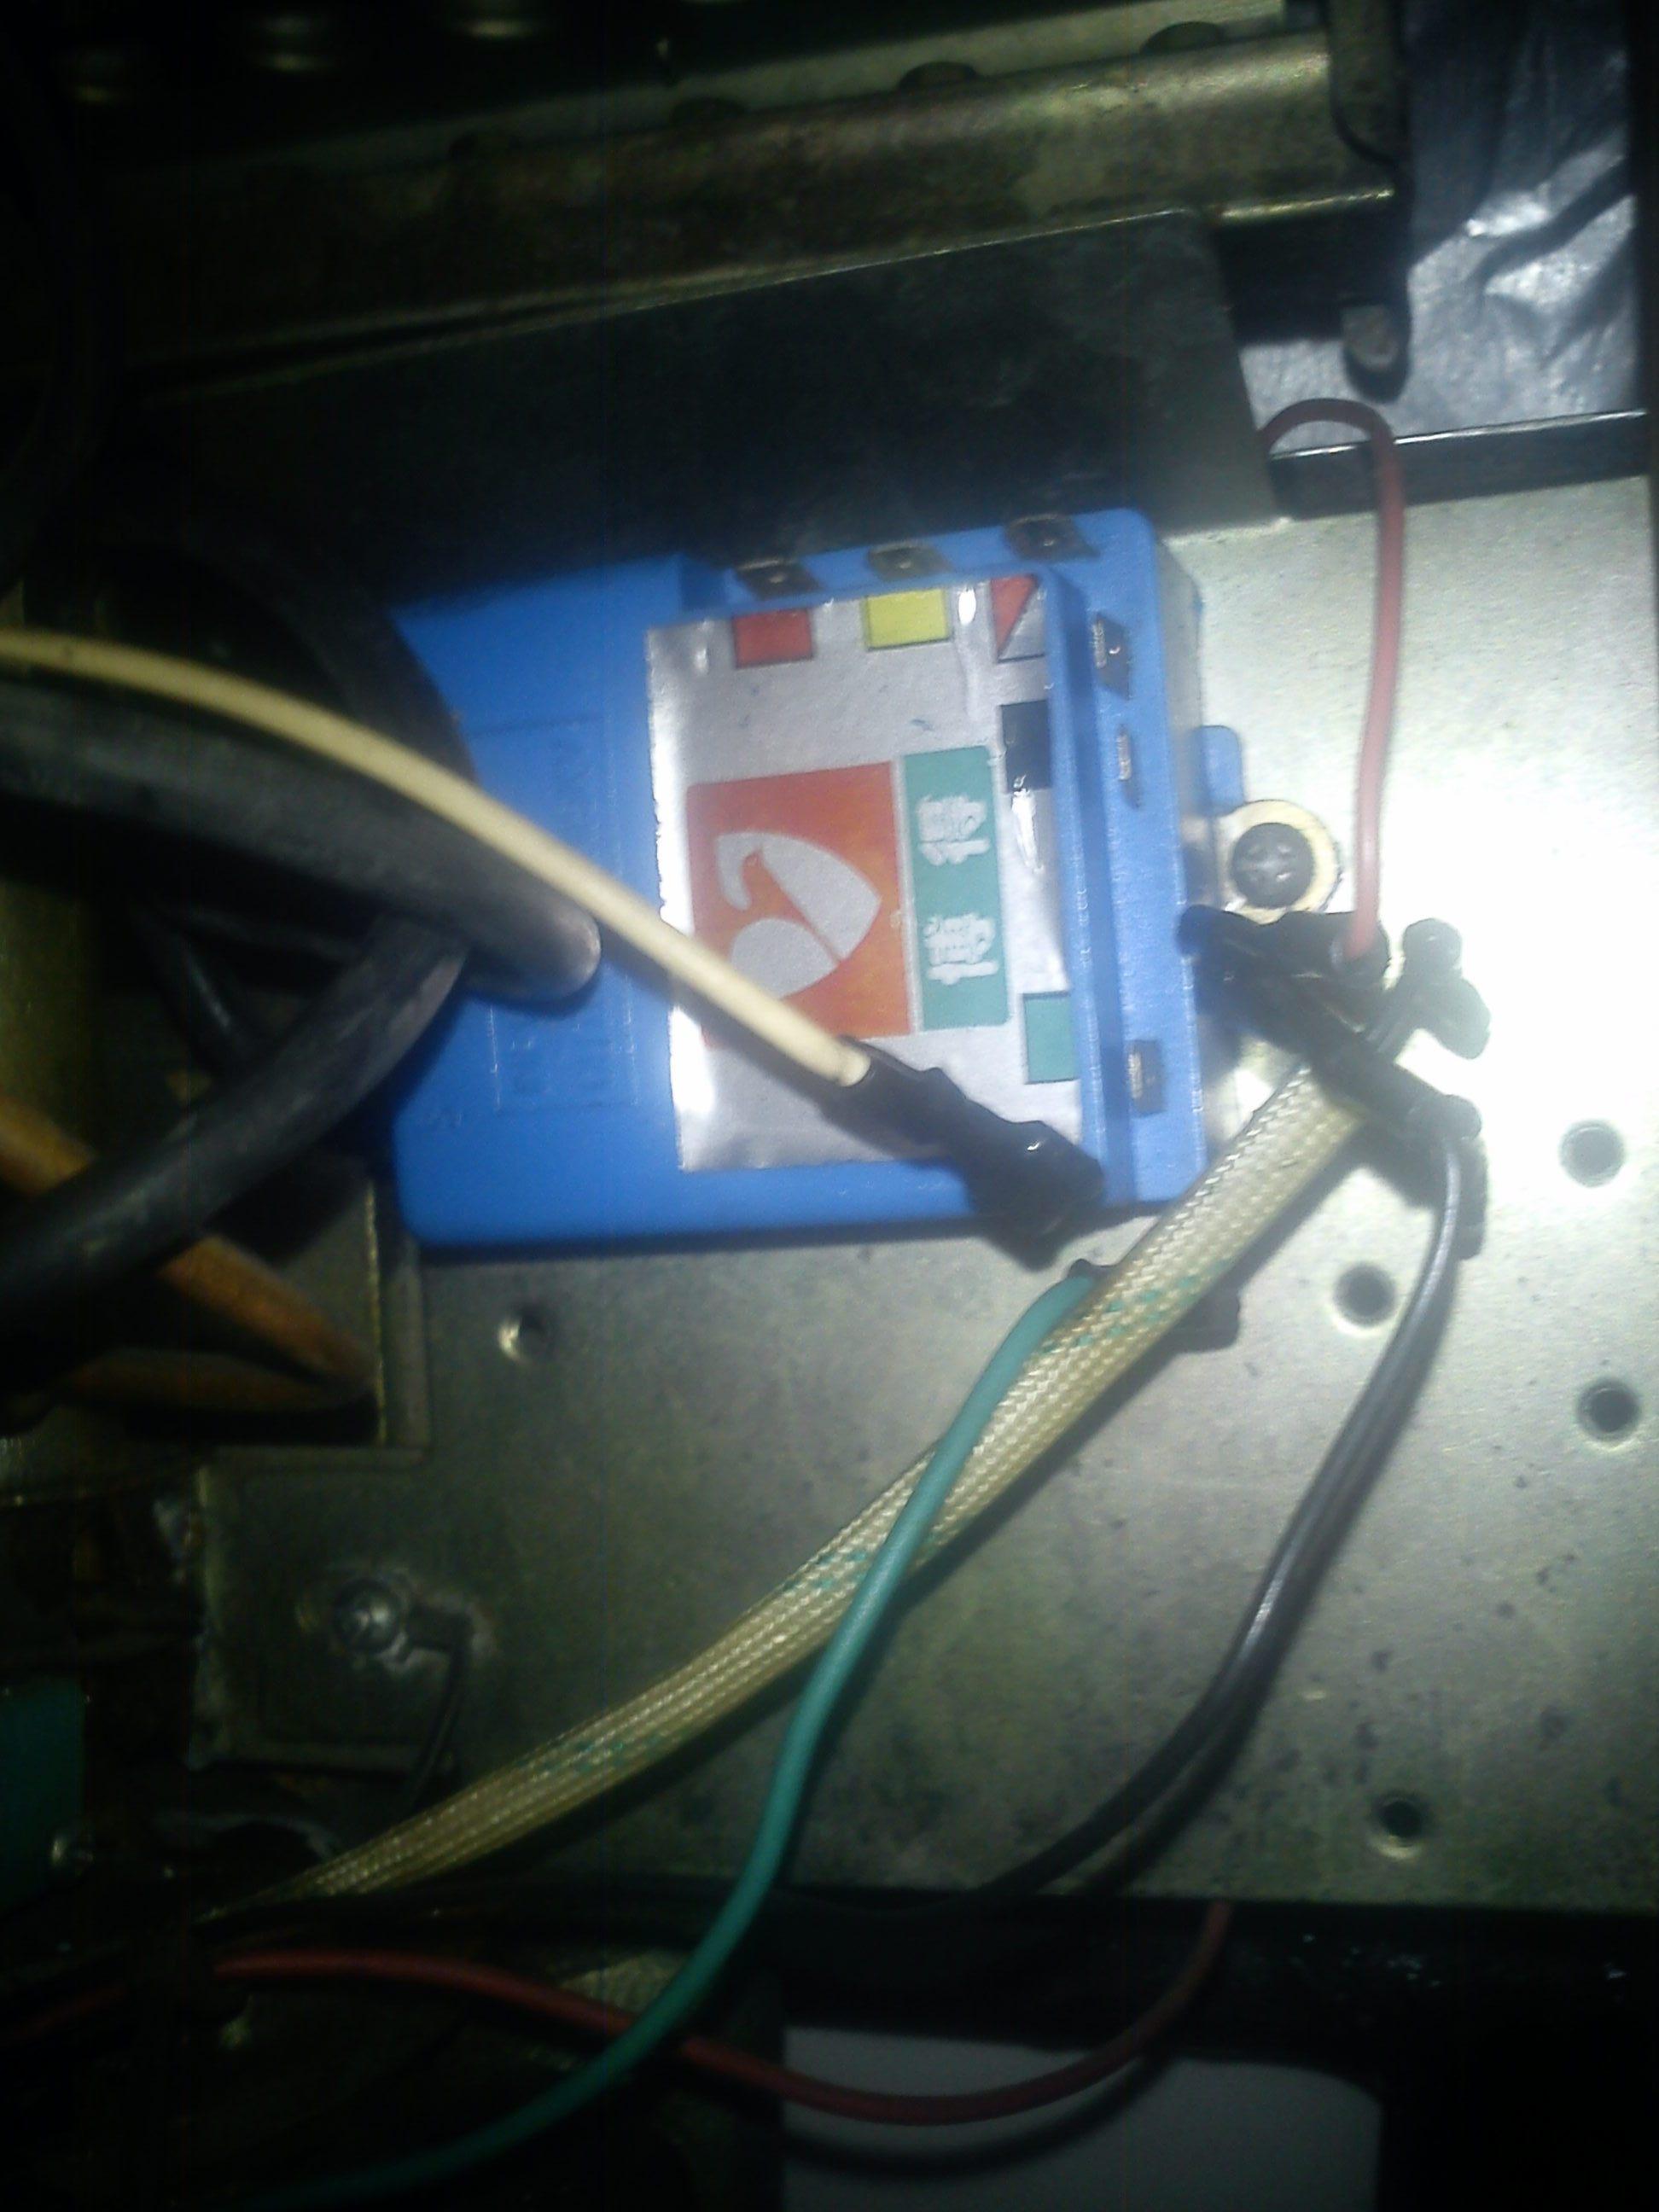 脉冲点火器_燃气热水器脉冲点火器如何接线_百度知道